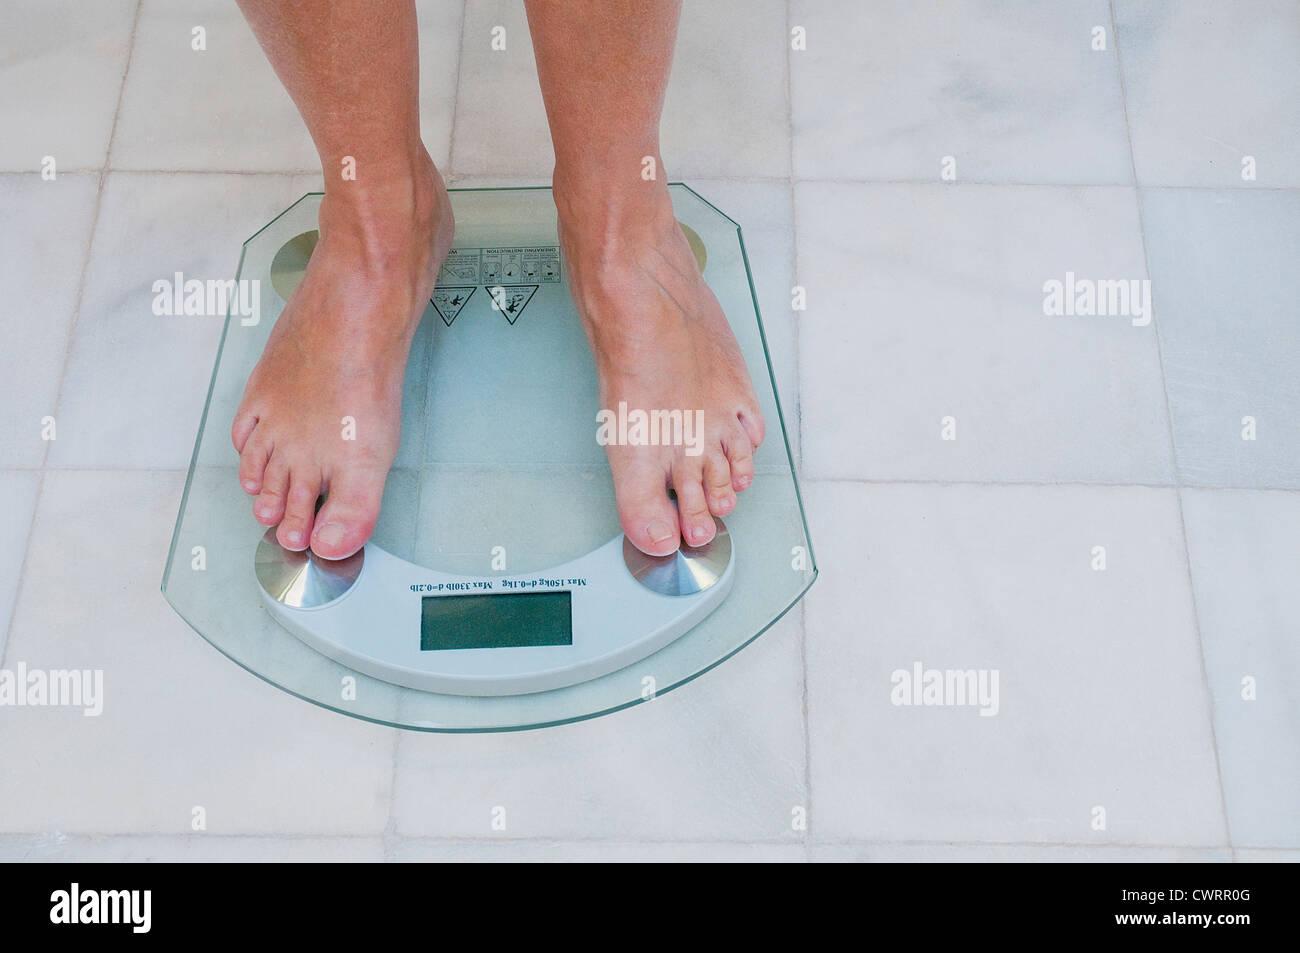 madura foot stock photos & madura foot stock images - alamy